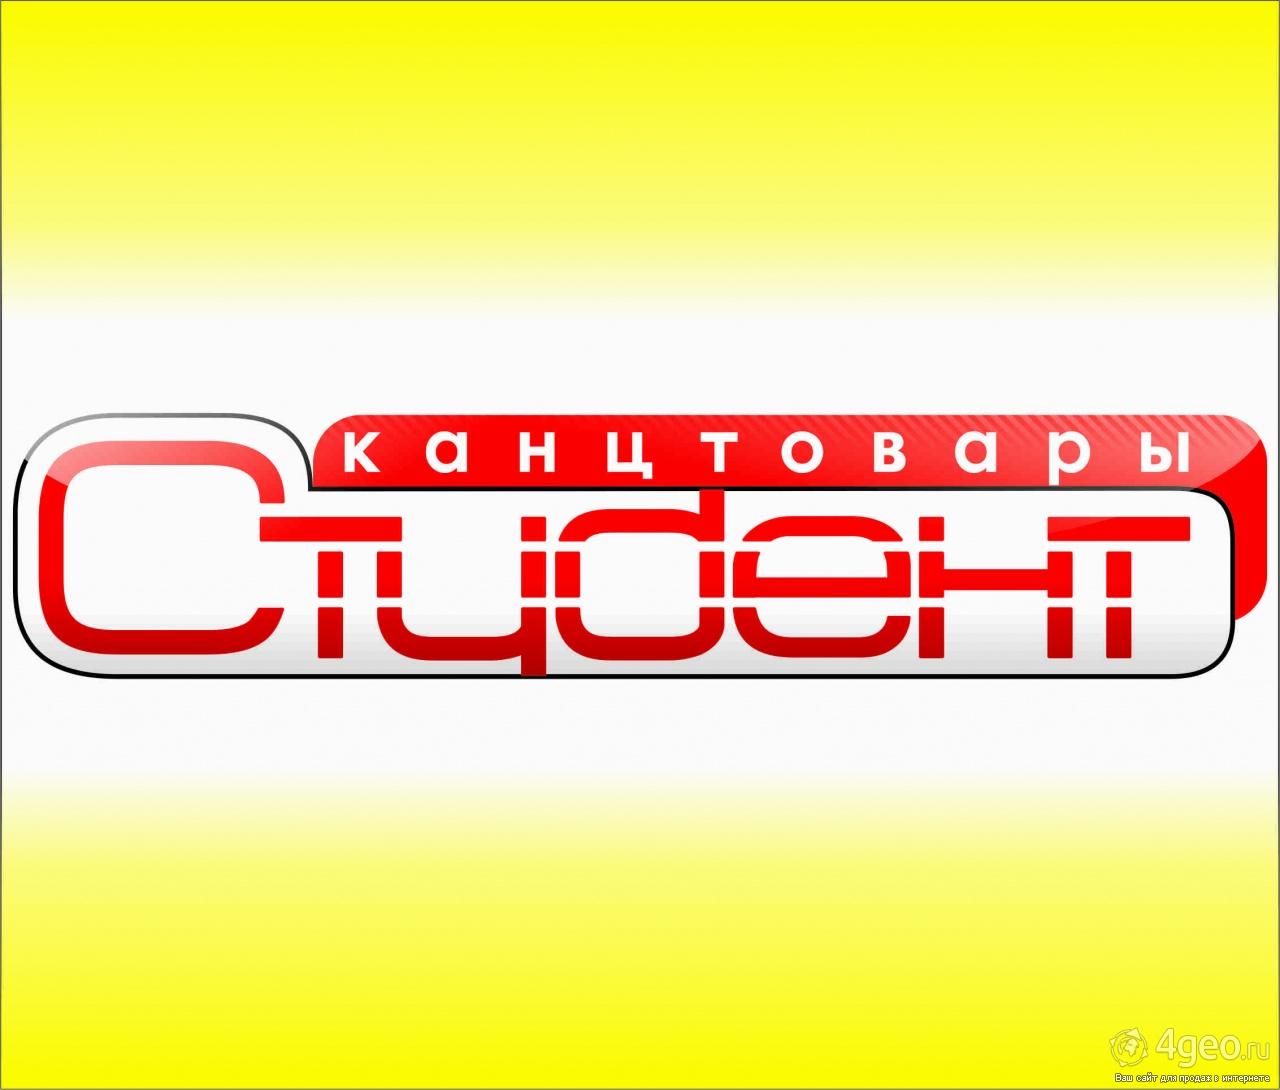 Магазин Студент Вологда Официальный Сайт Каталог